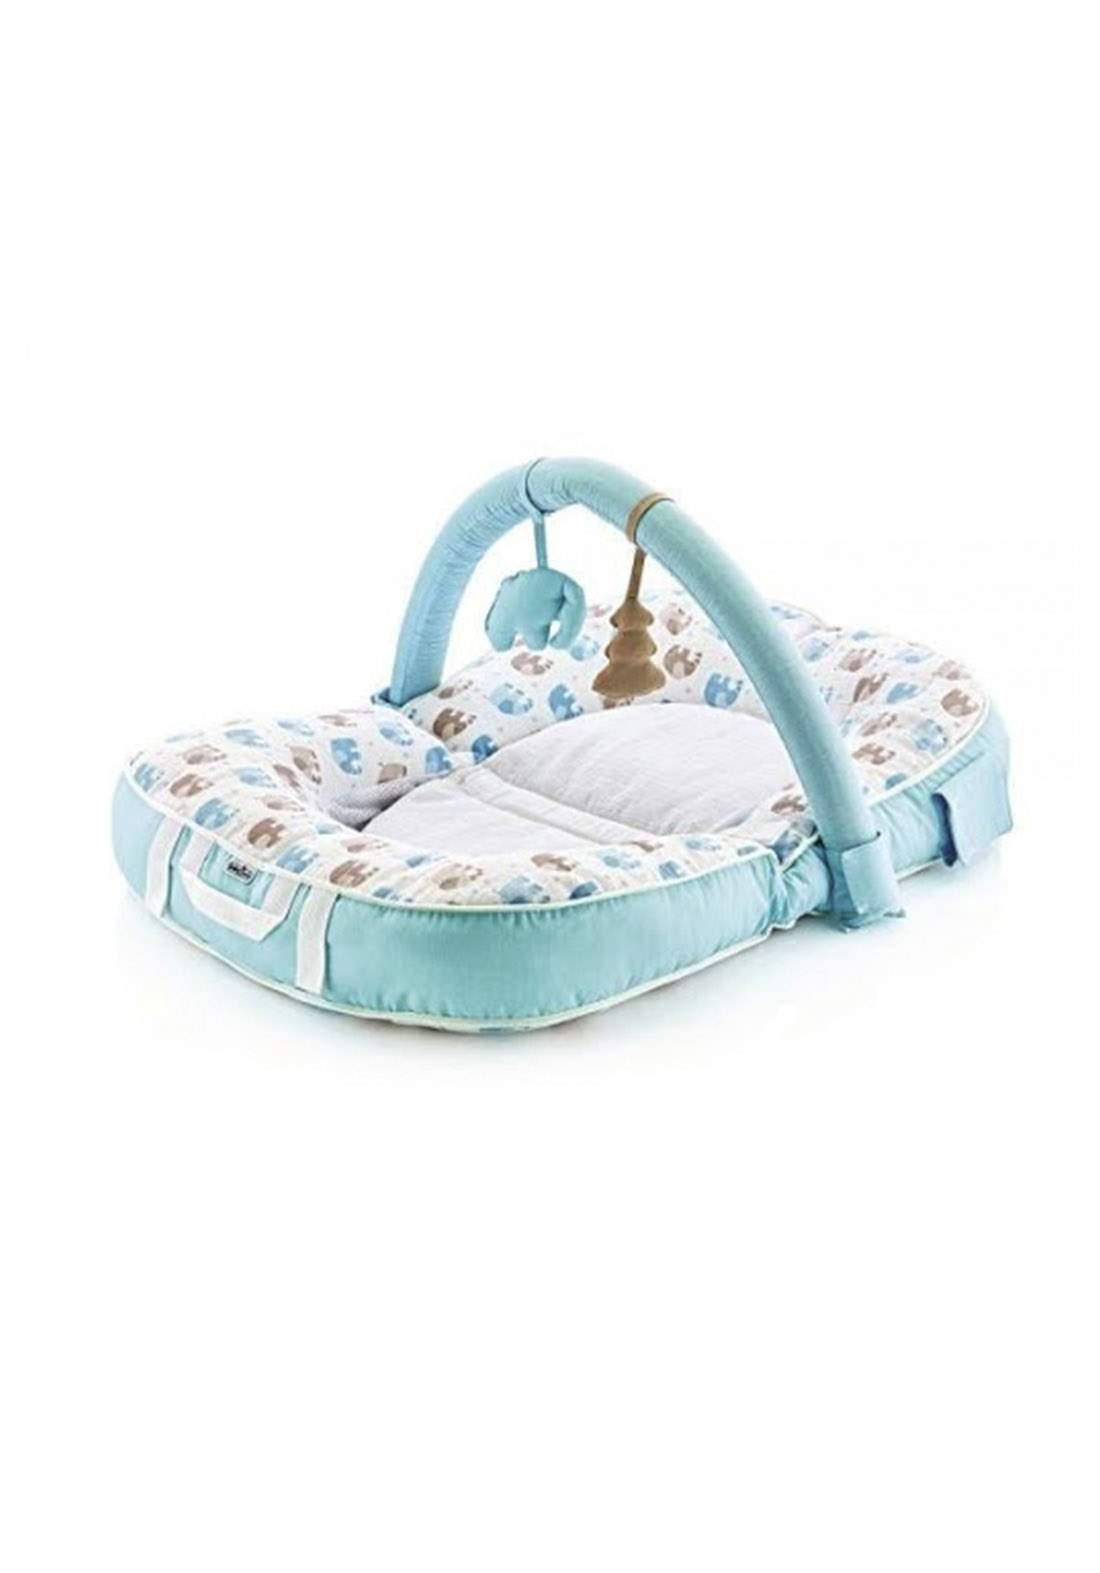 BabyJem Sleeping bed for children سرير منام للاطفال